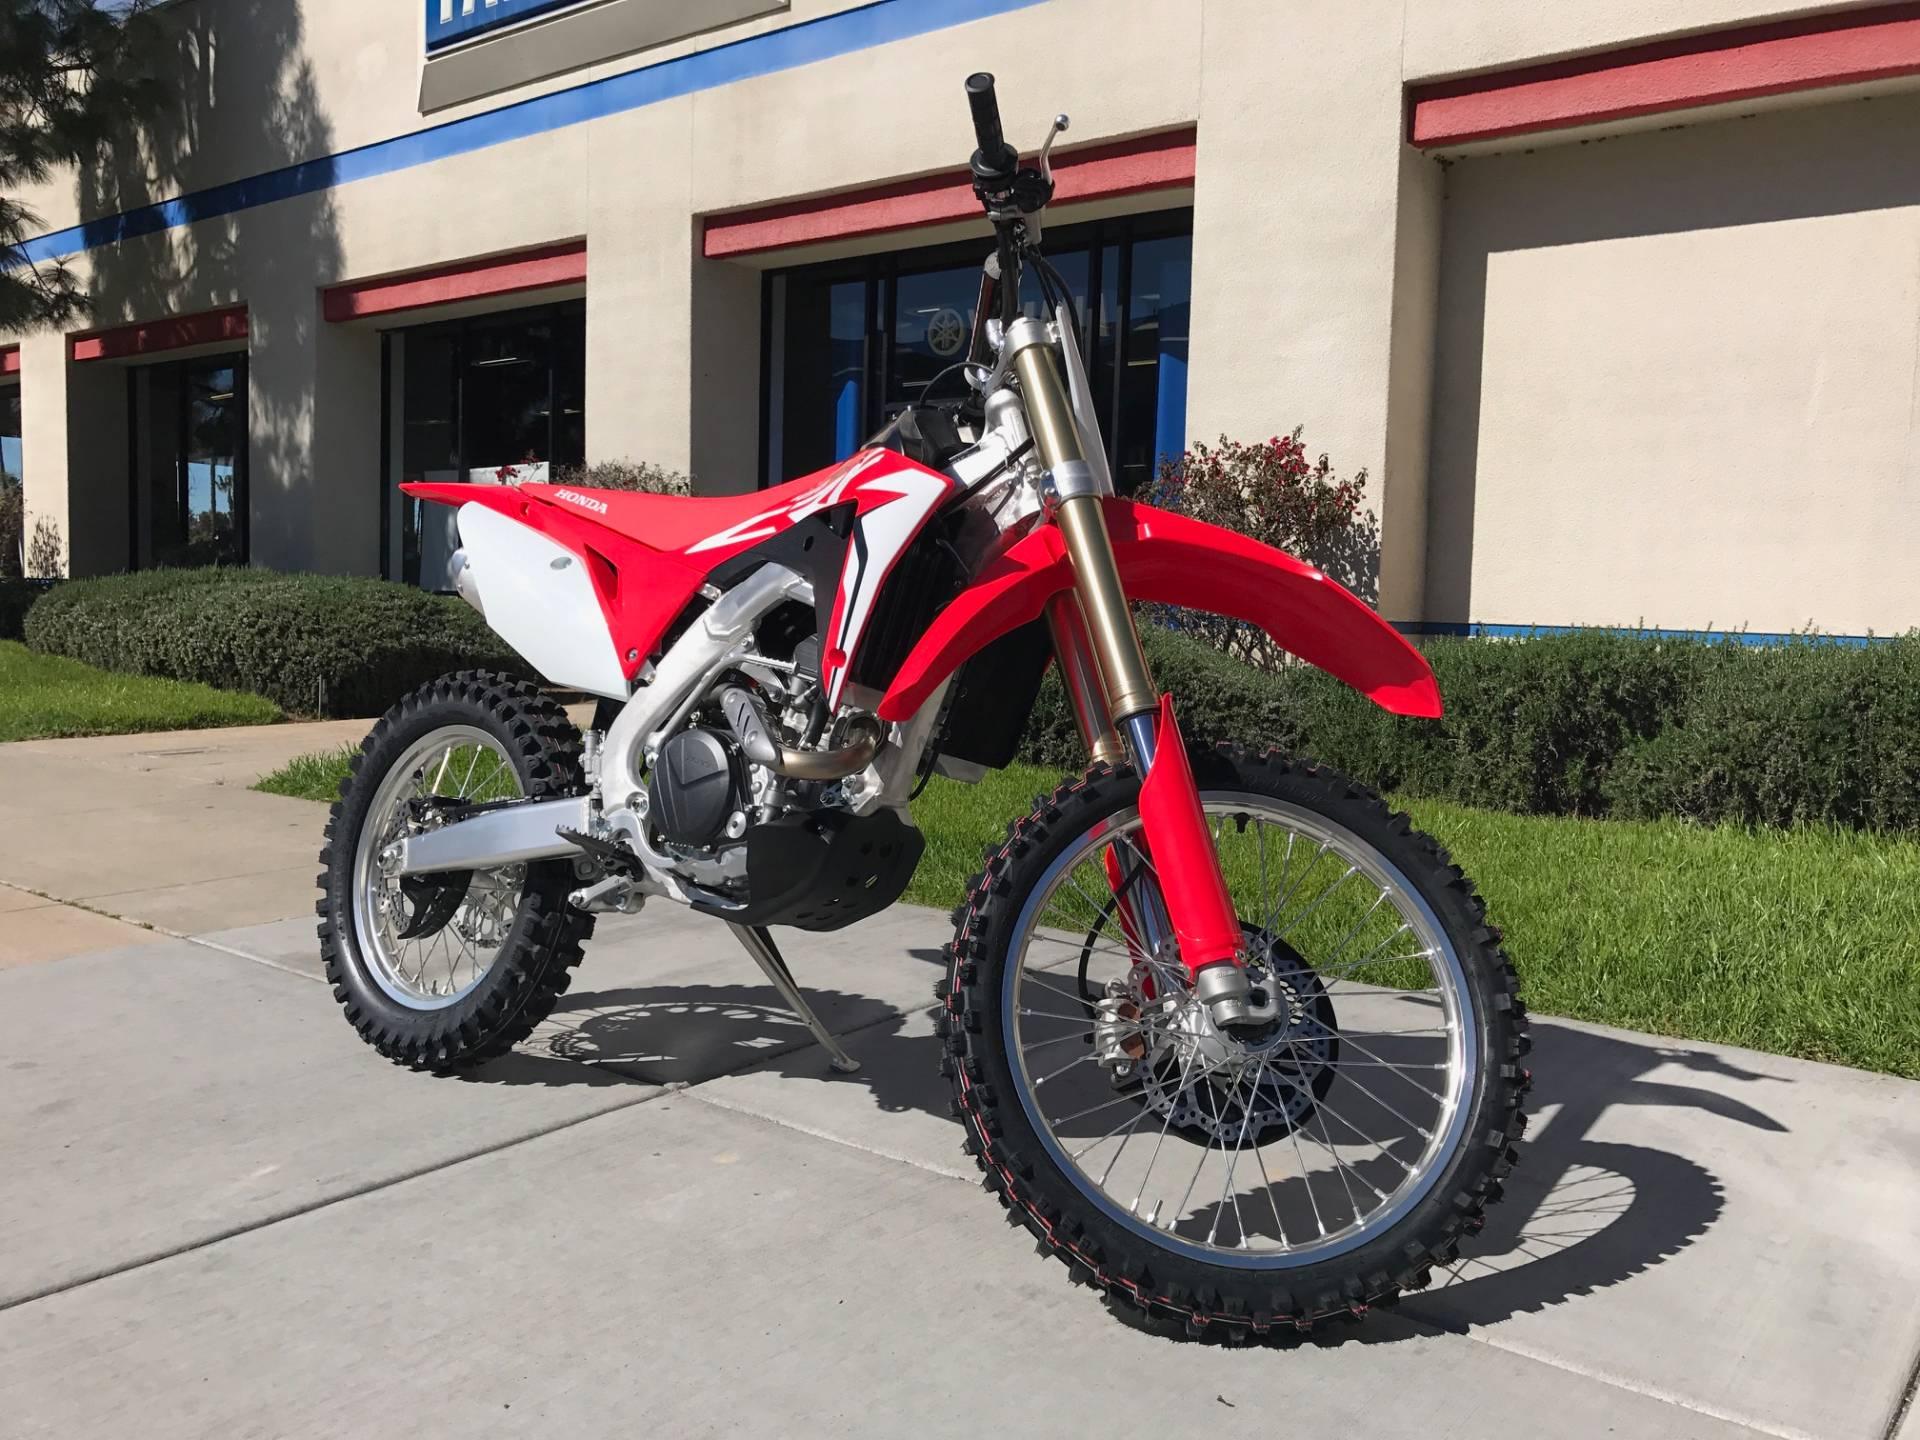 New 2017 honda crf450rx motorcycles in el cajon ca for Honda el cajon service